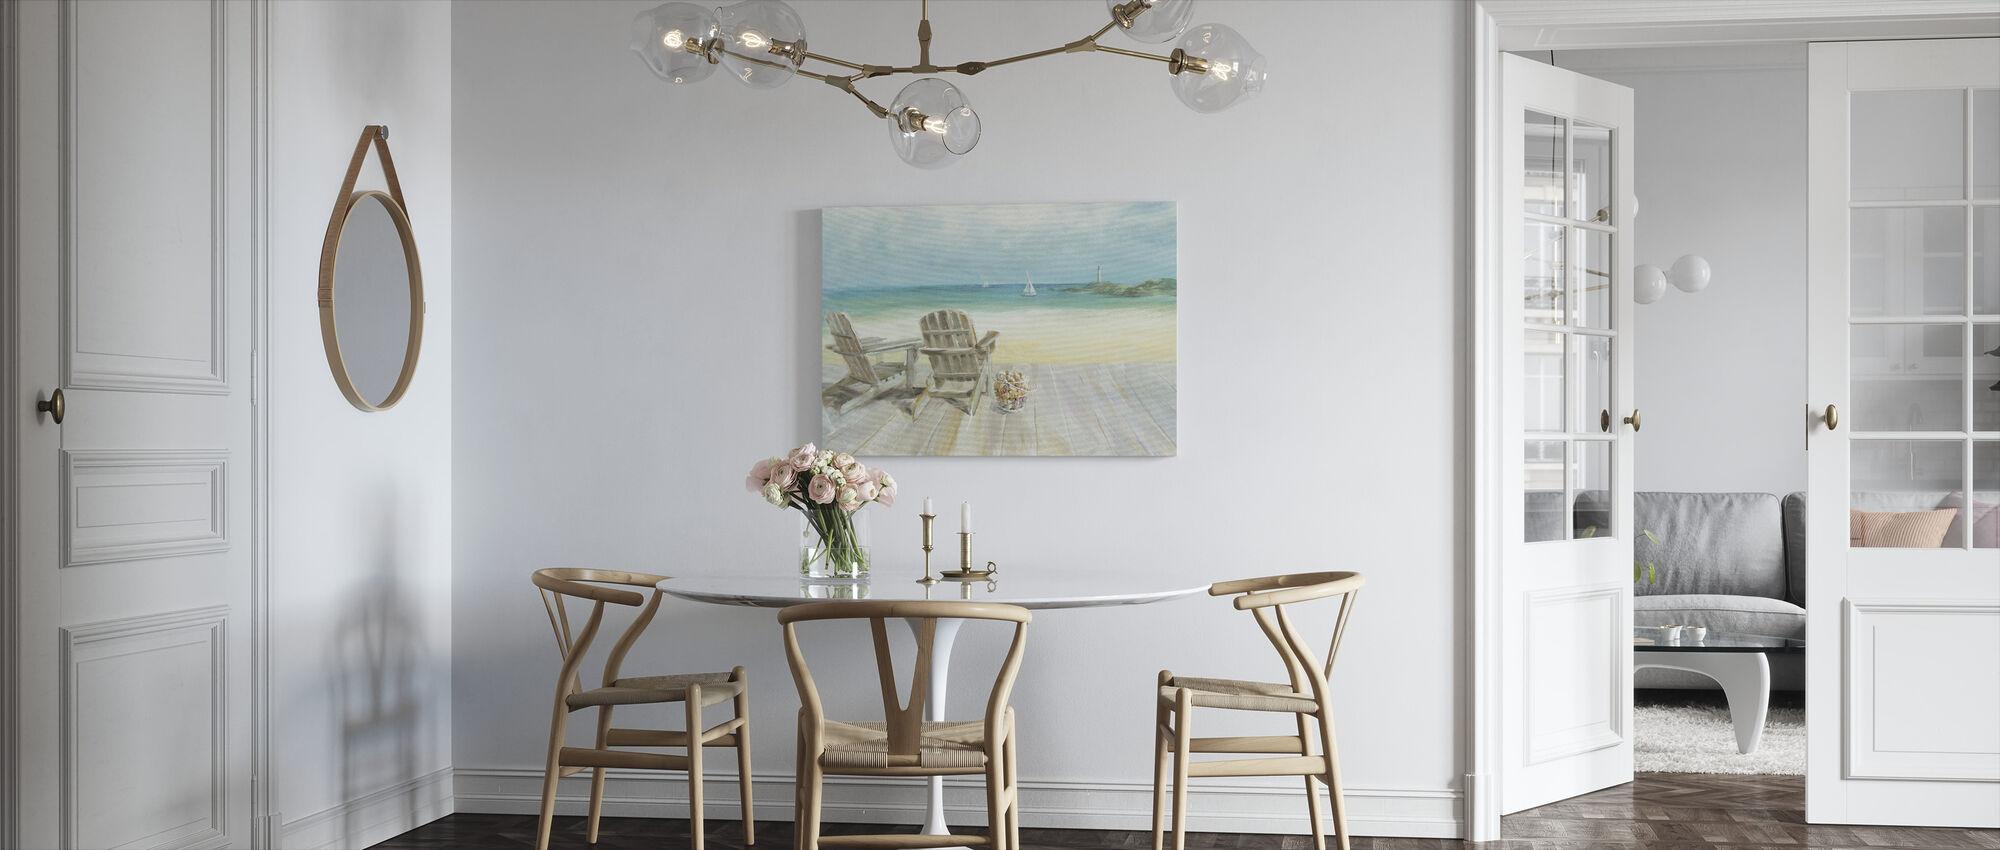 Merinäköala - Canvastaulu - Keittiö